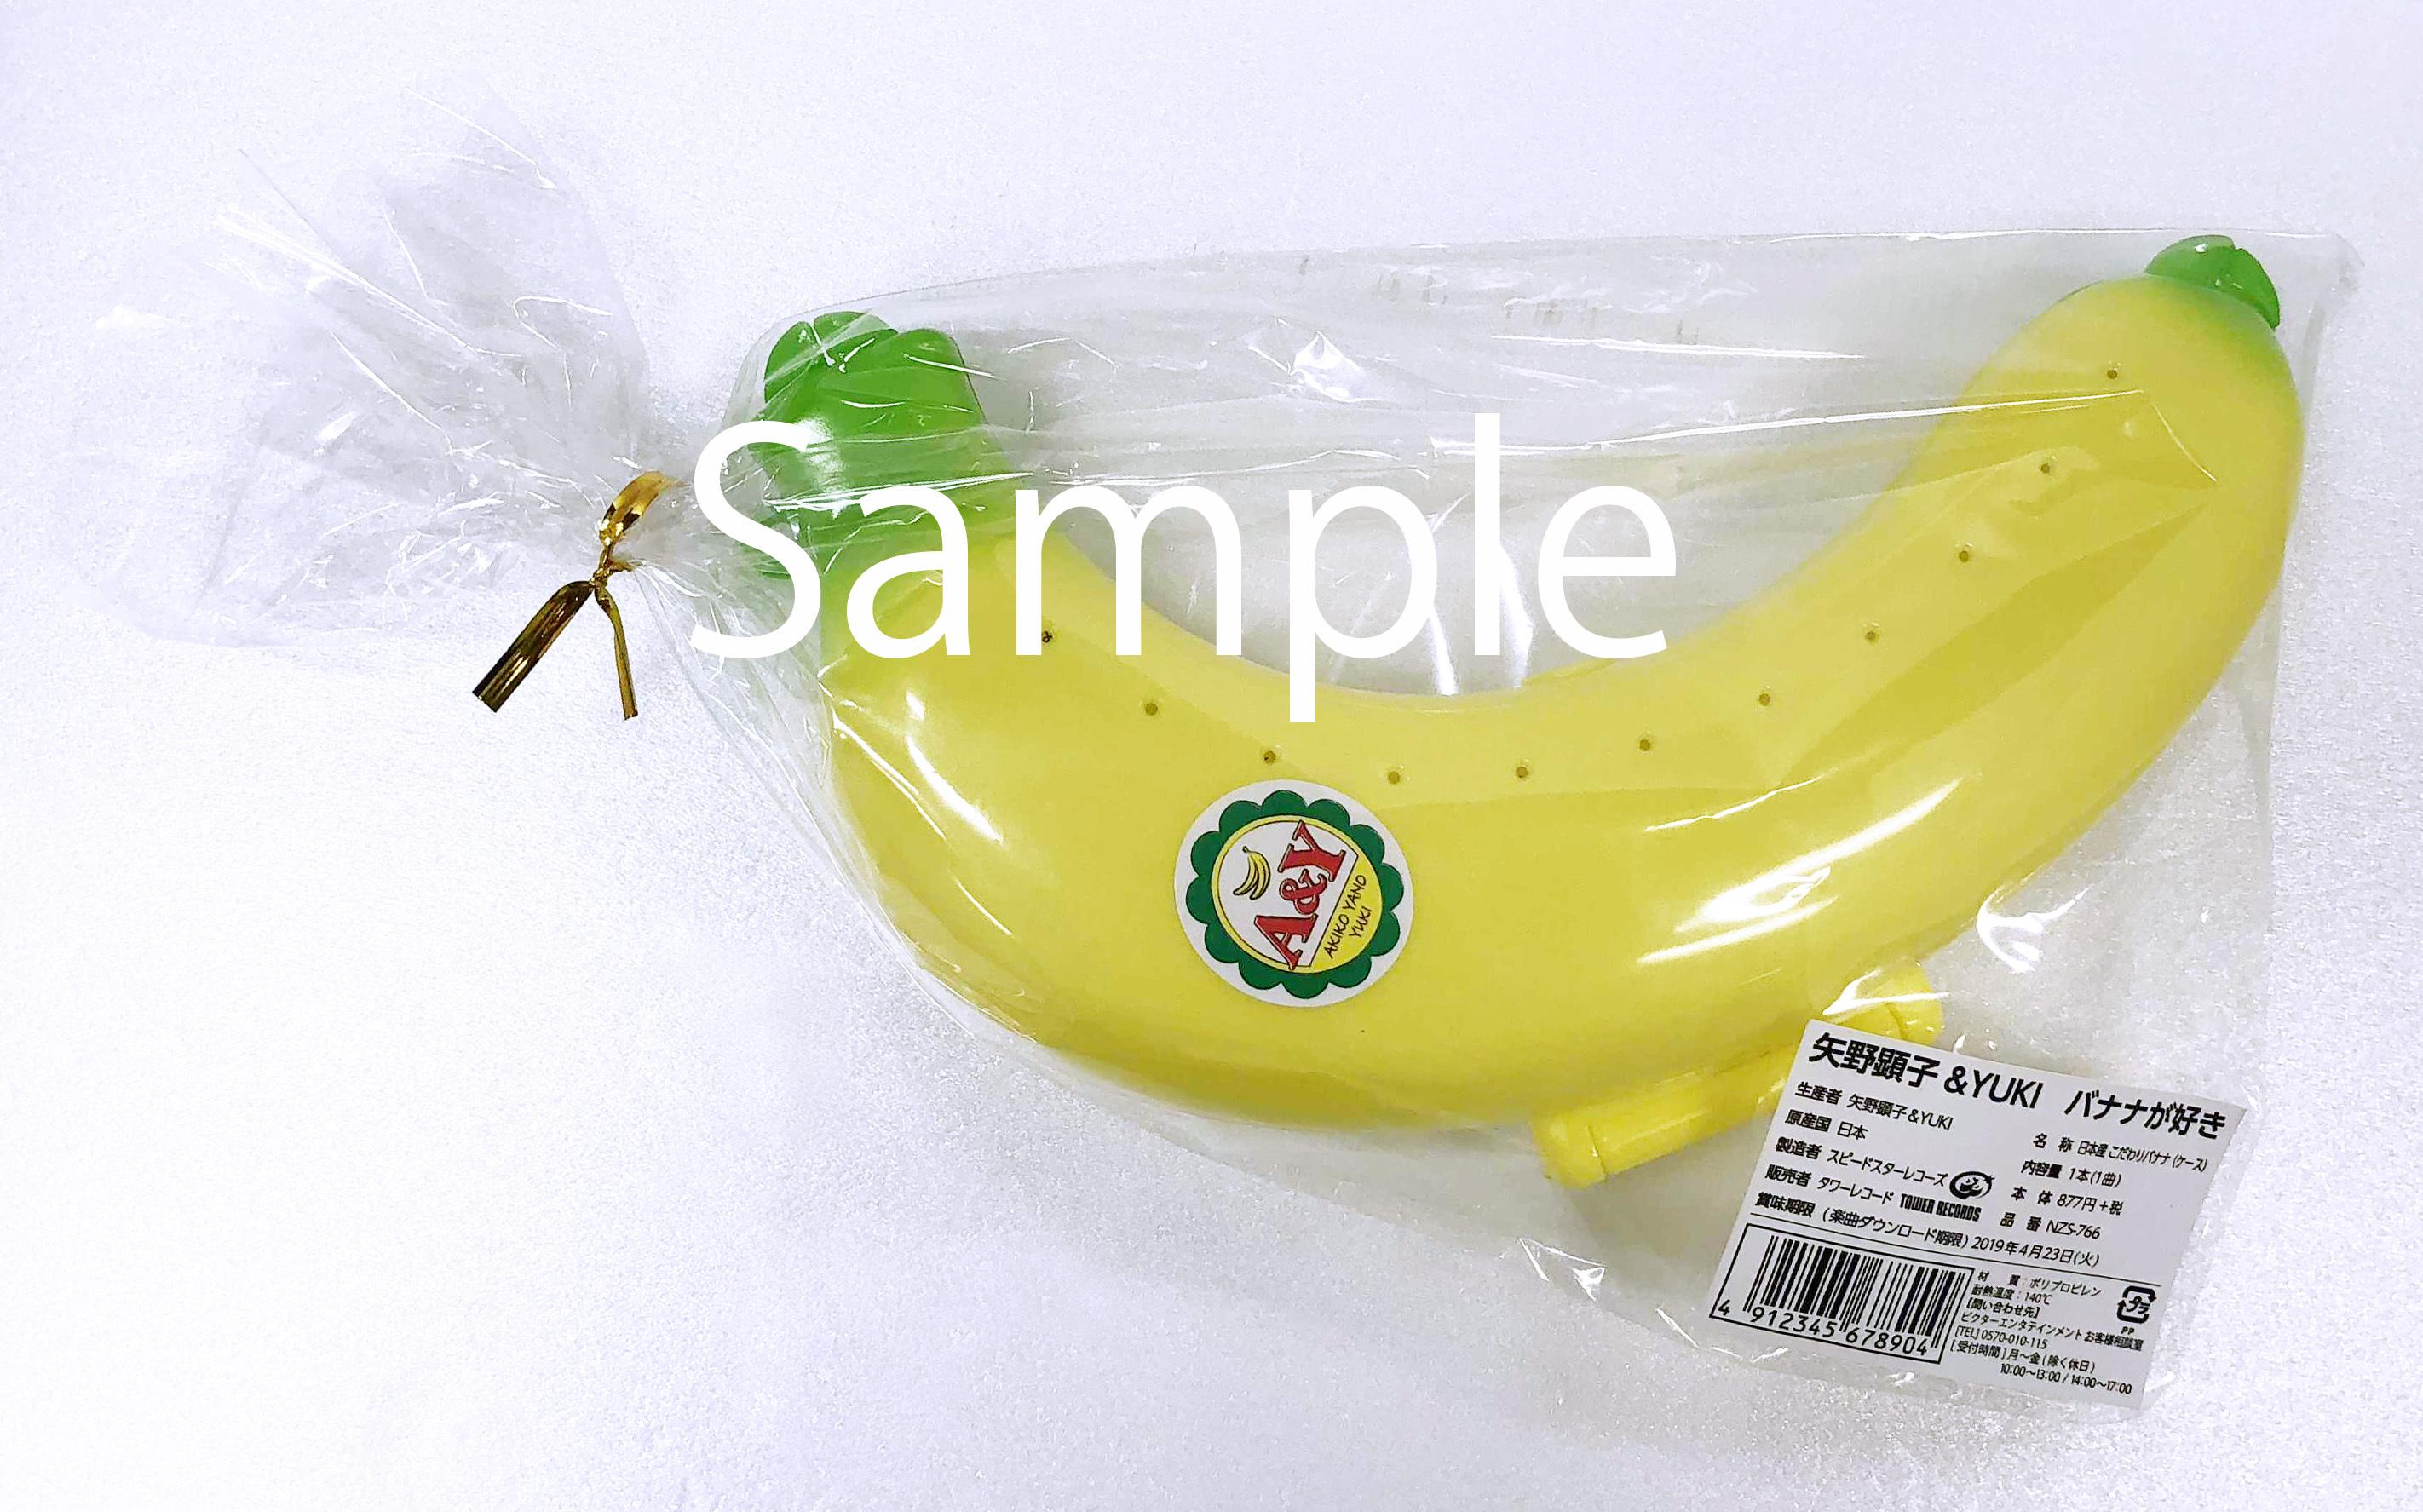 楽曲ダウンロードコード付きオリジナルバナナケース